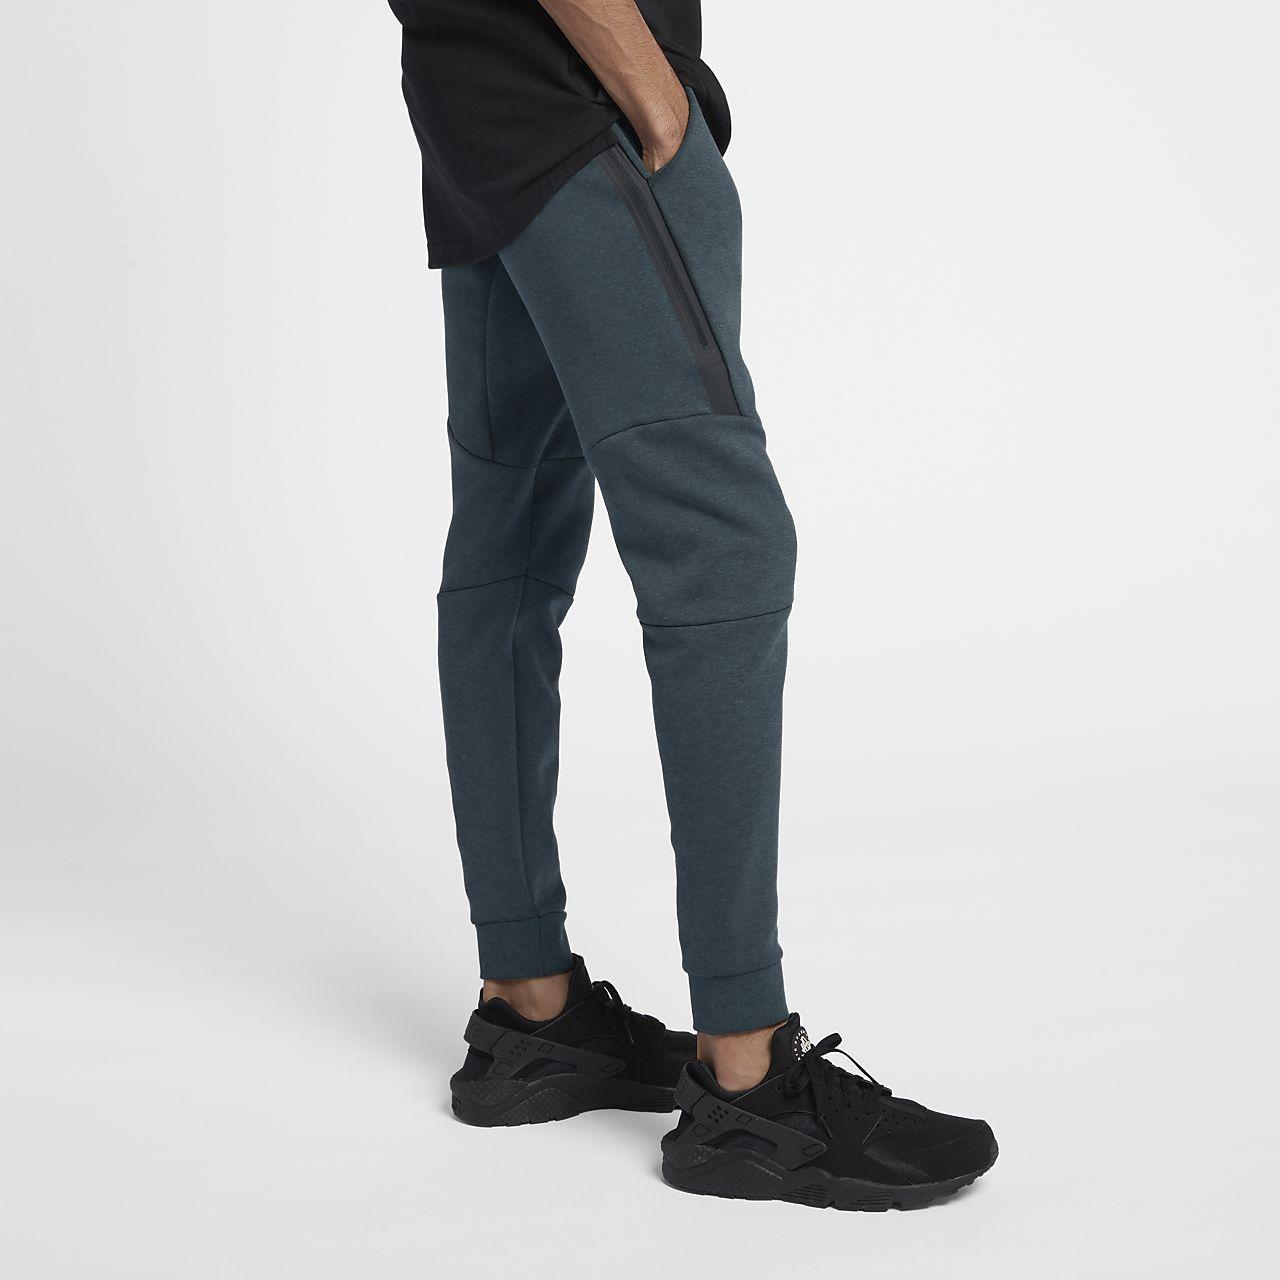 ... Nike Sportswear Tech Fleece Men's Joggers